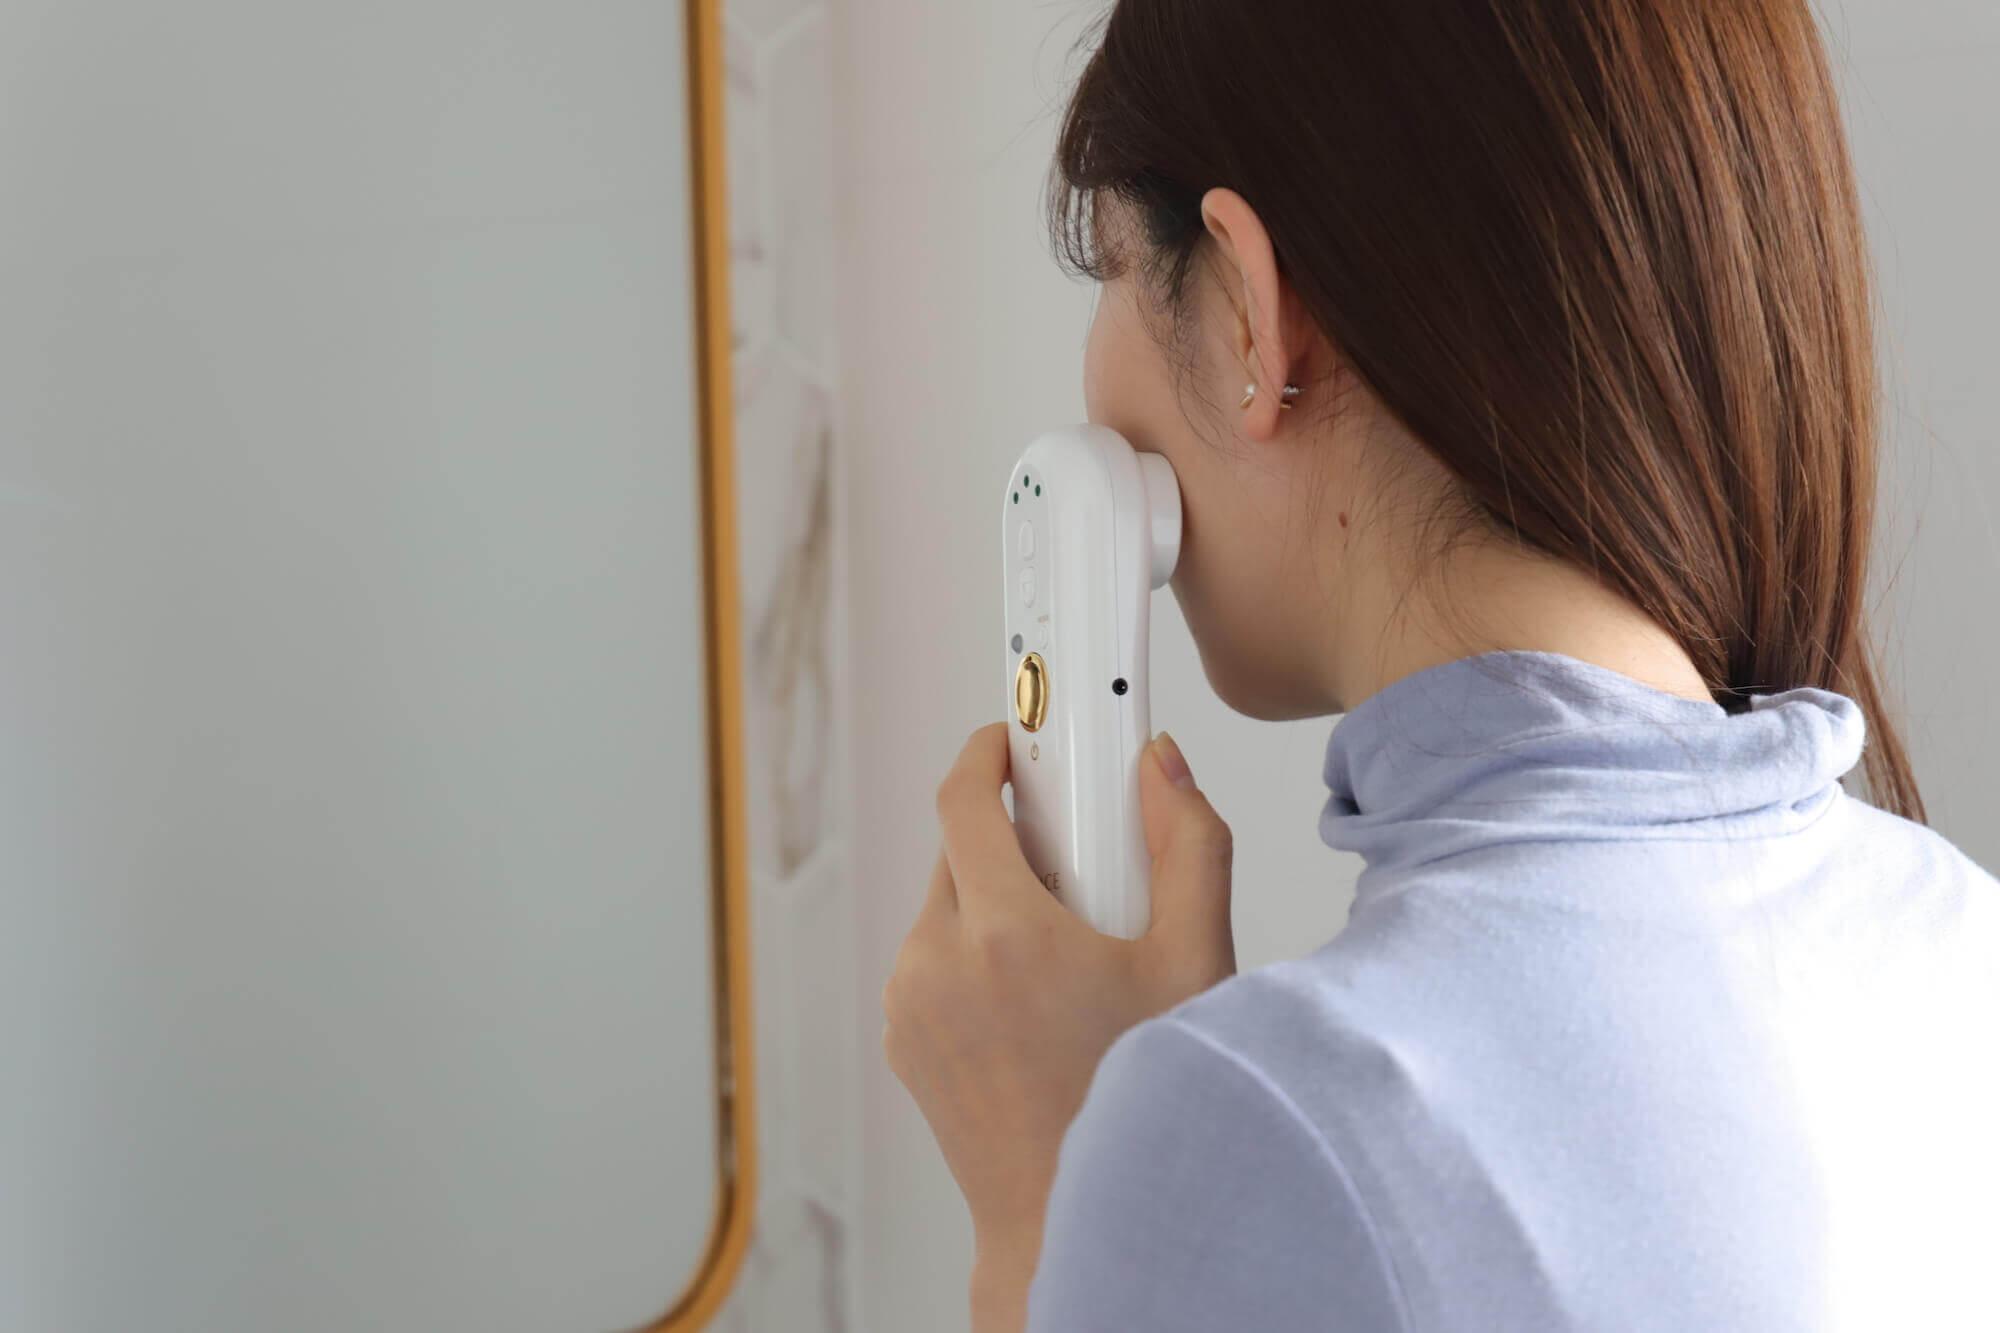 家庭用美顔器「ELFACE(エルフェイス)」を使用している女性